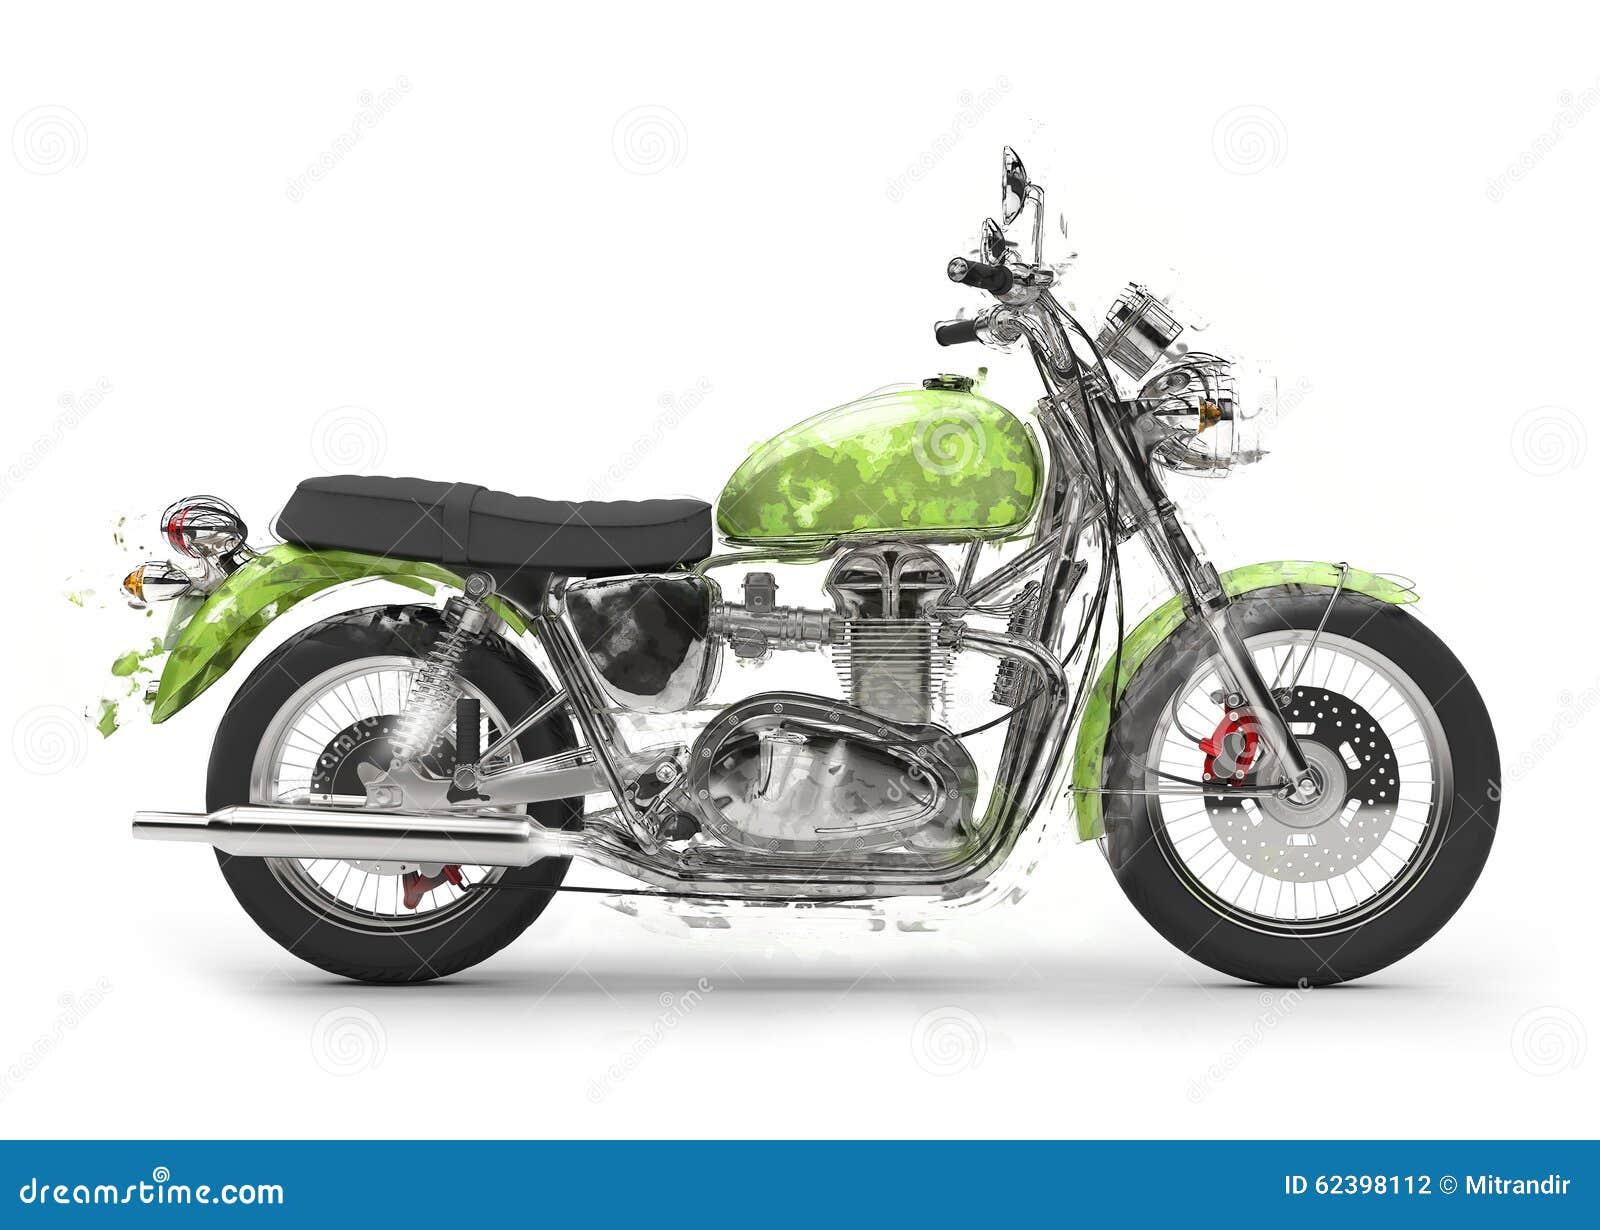 moto verte dessin illustration stock image 62398112. Black Bedroom Furniture Sets. Home Design Ideas